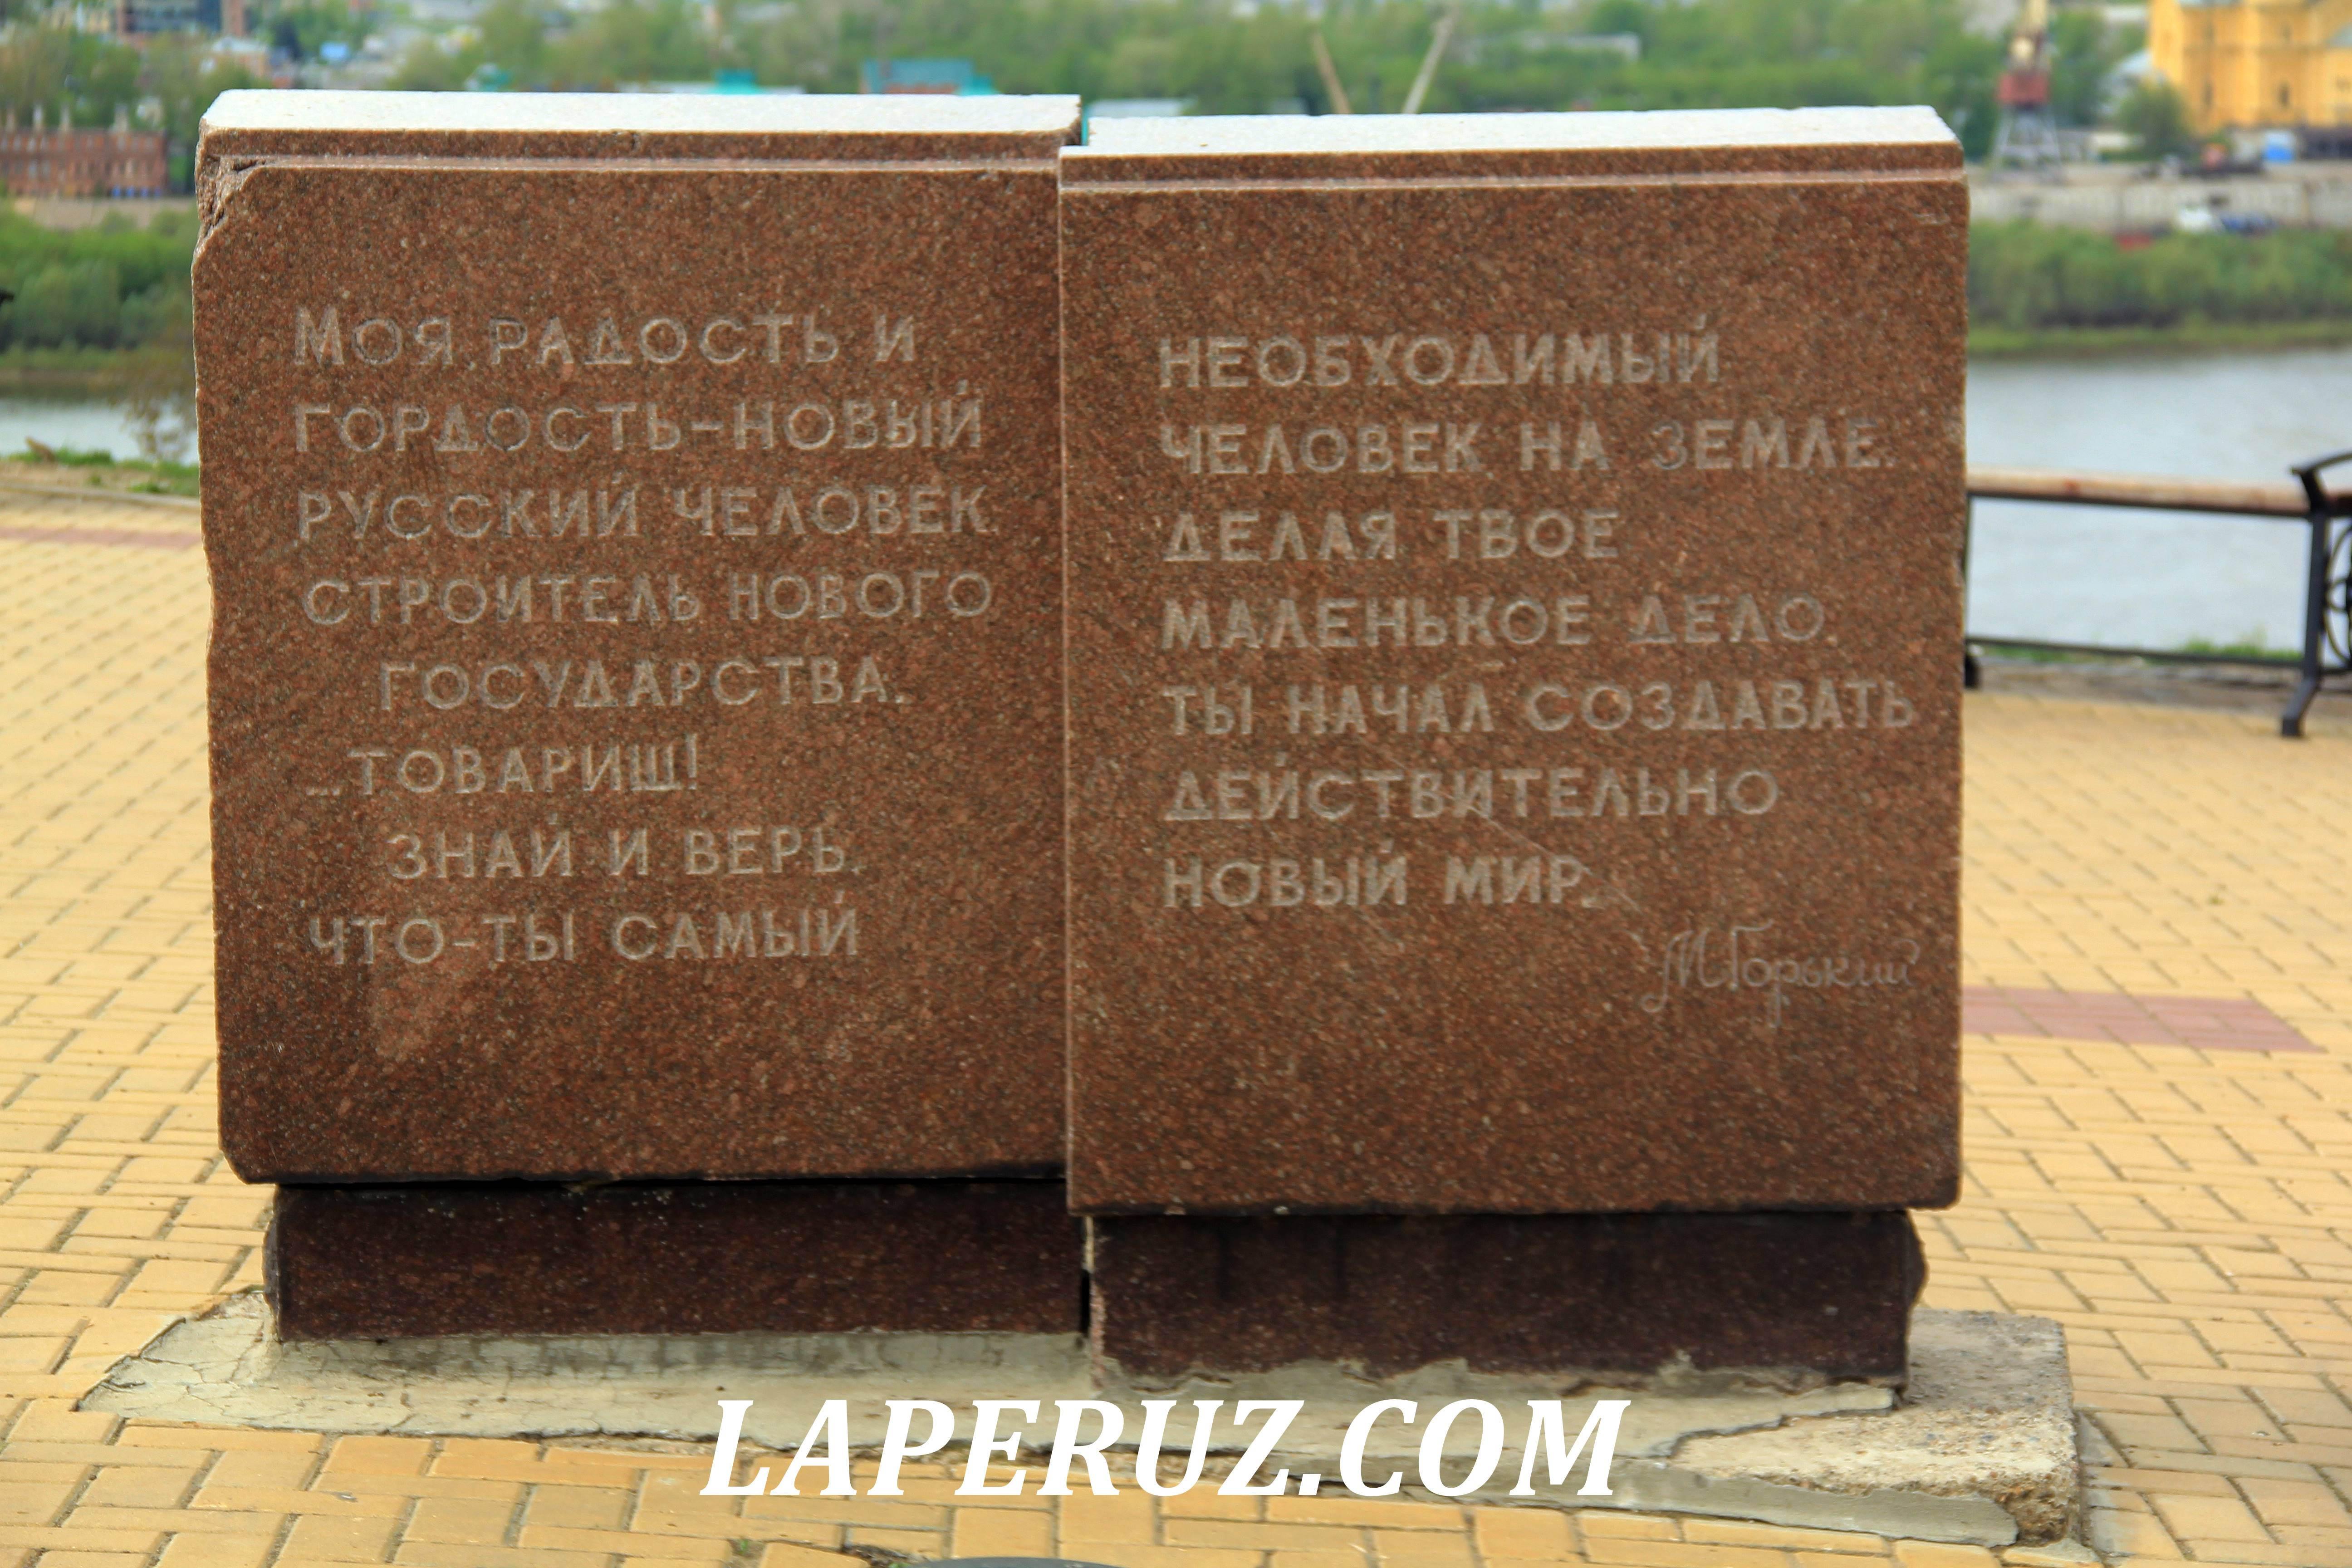 pamyatnik_gorkomu_nizhniy_novgorod_3